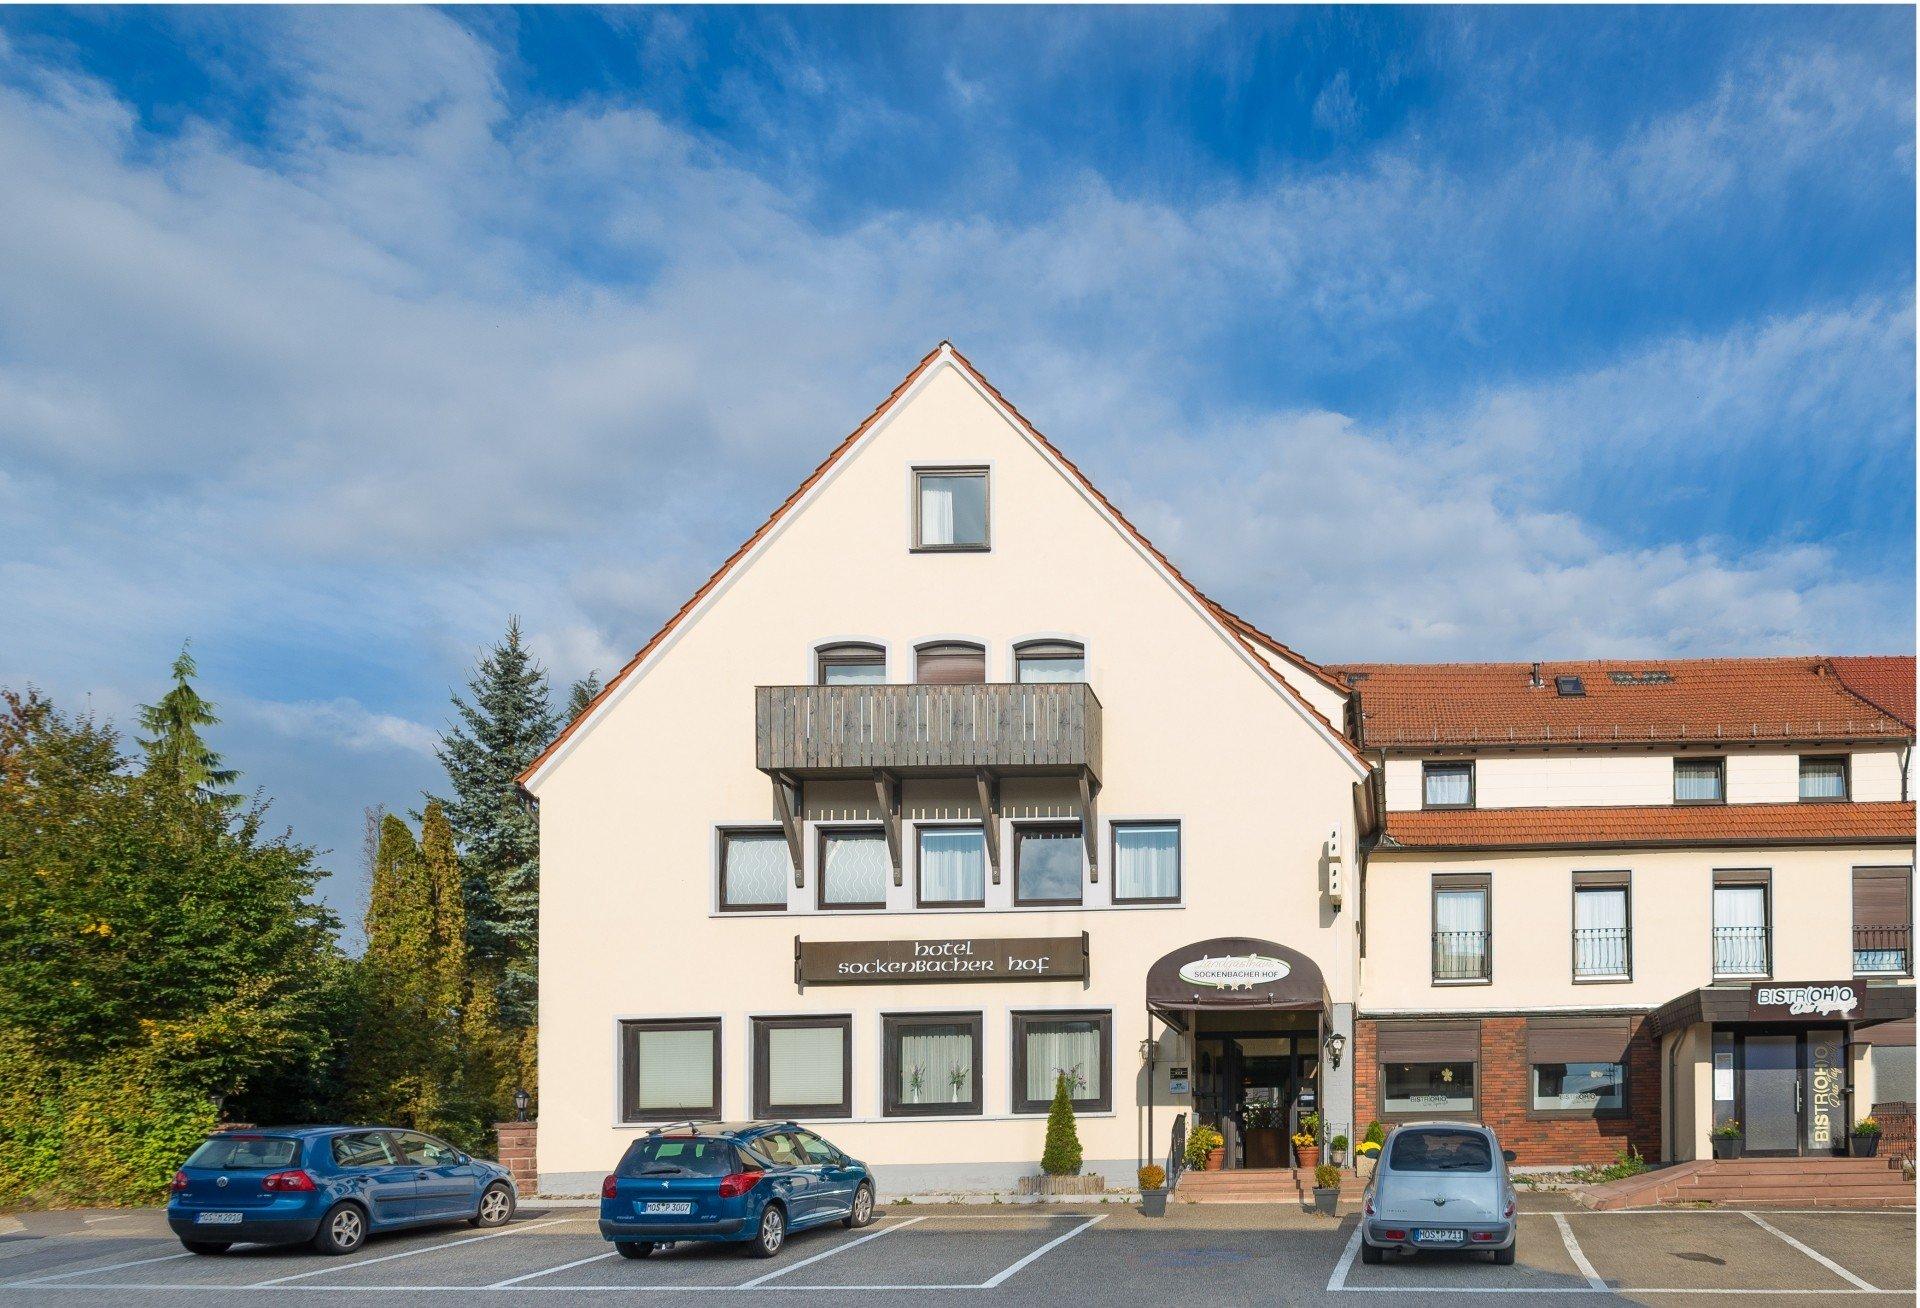 Die romantischen Weihnachtsmärkte in Heidelberg und Bad Wimpfen warten in Waldbrunn-Strümpfelbrunn